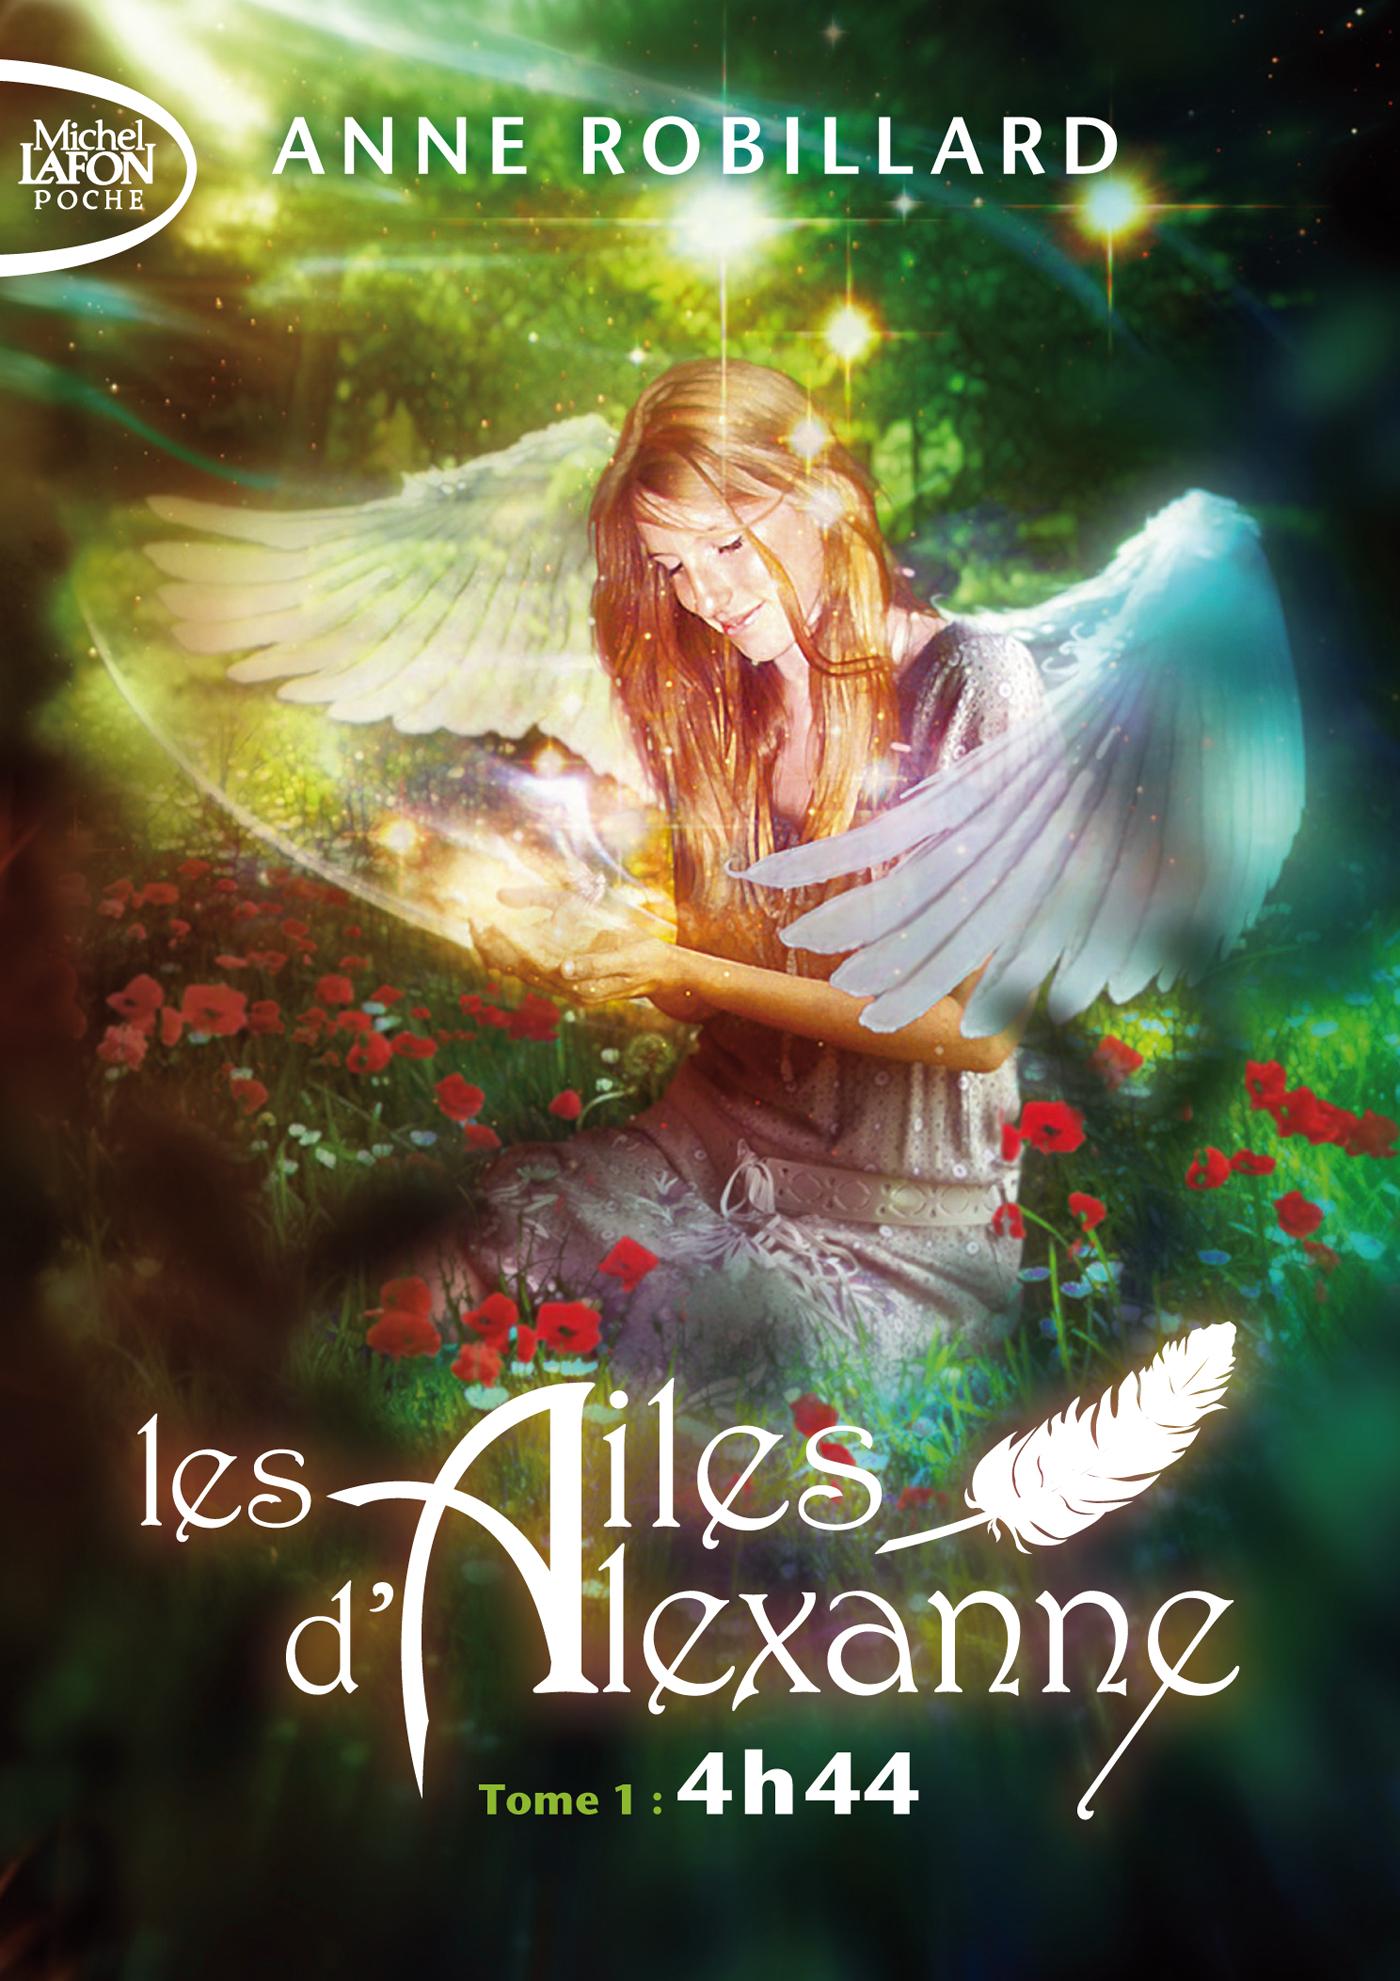 Les Ailes d'Alexanne Tome 1 : 4h44 – POCHE